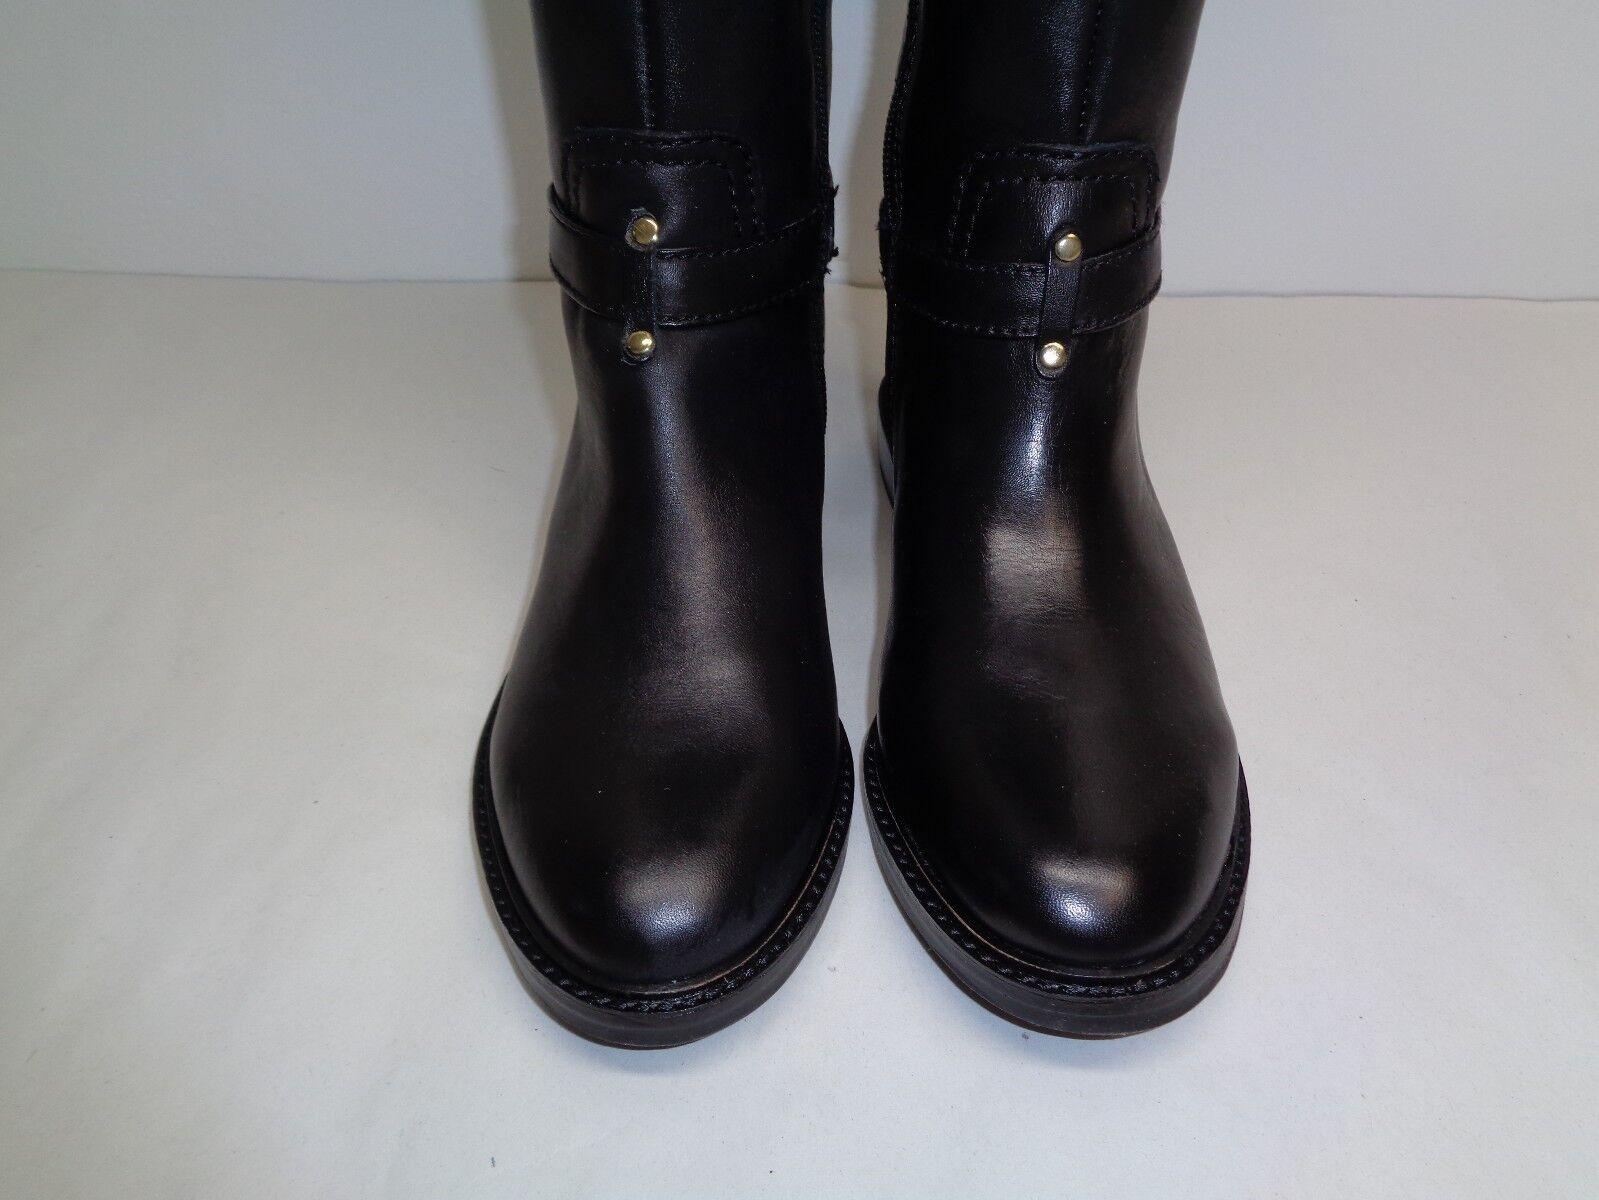 Gianni Bini tamaño 5.5 M botas Torrin Negro Cuero Nuevos Mujer Zapatos botas M Hasta La Rodilla c6d12a